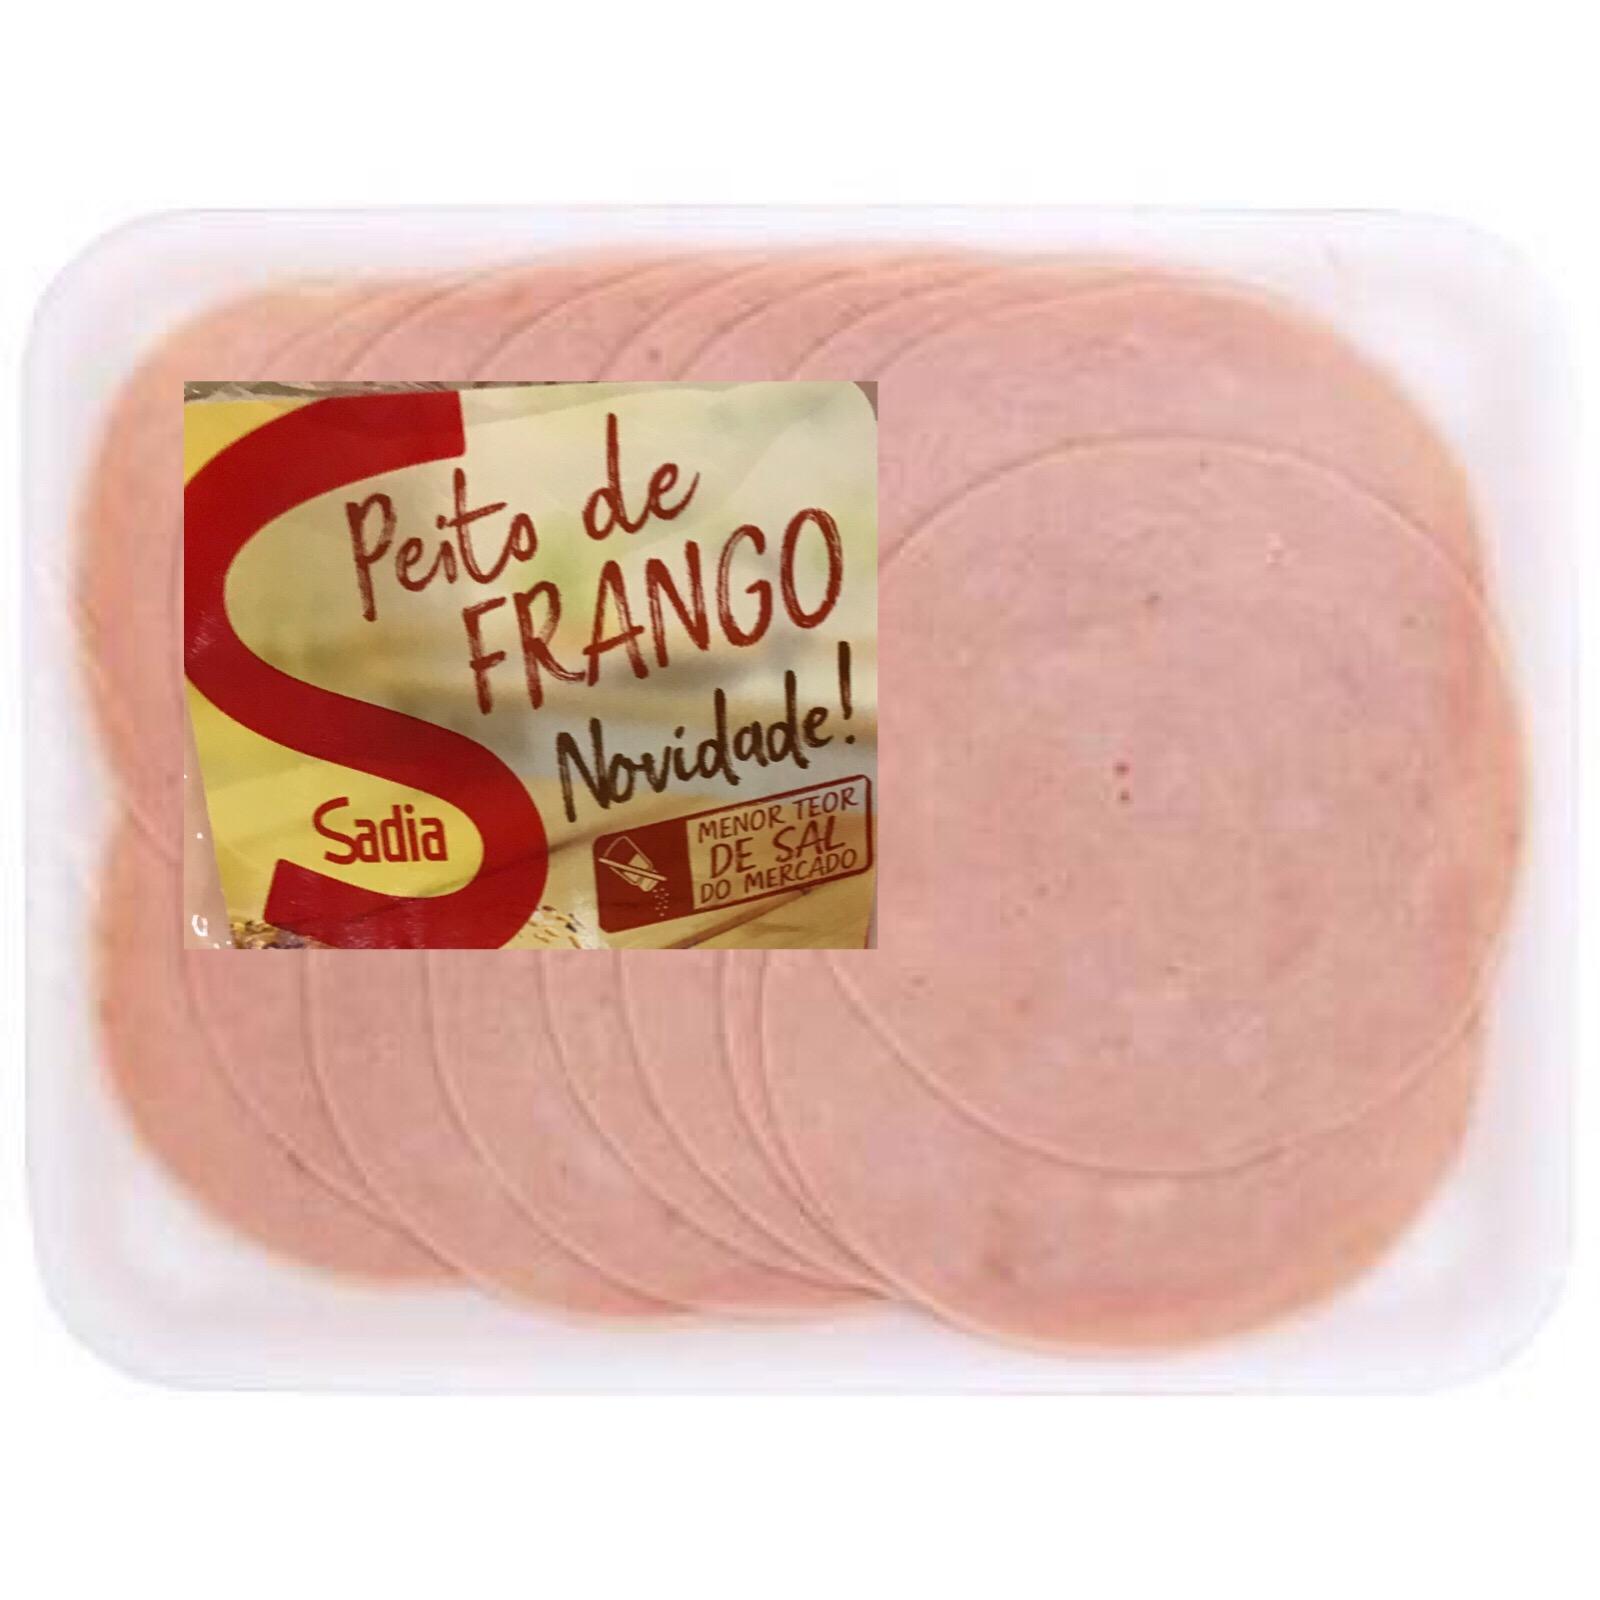 Peito de frango fatiado Sadia 100g